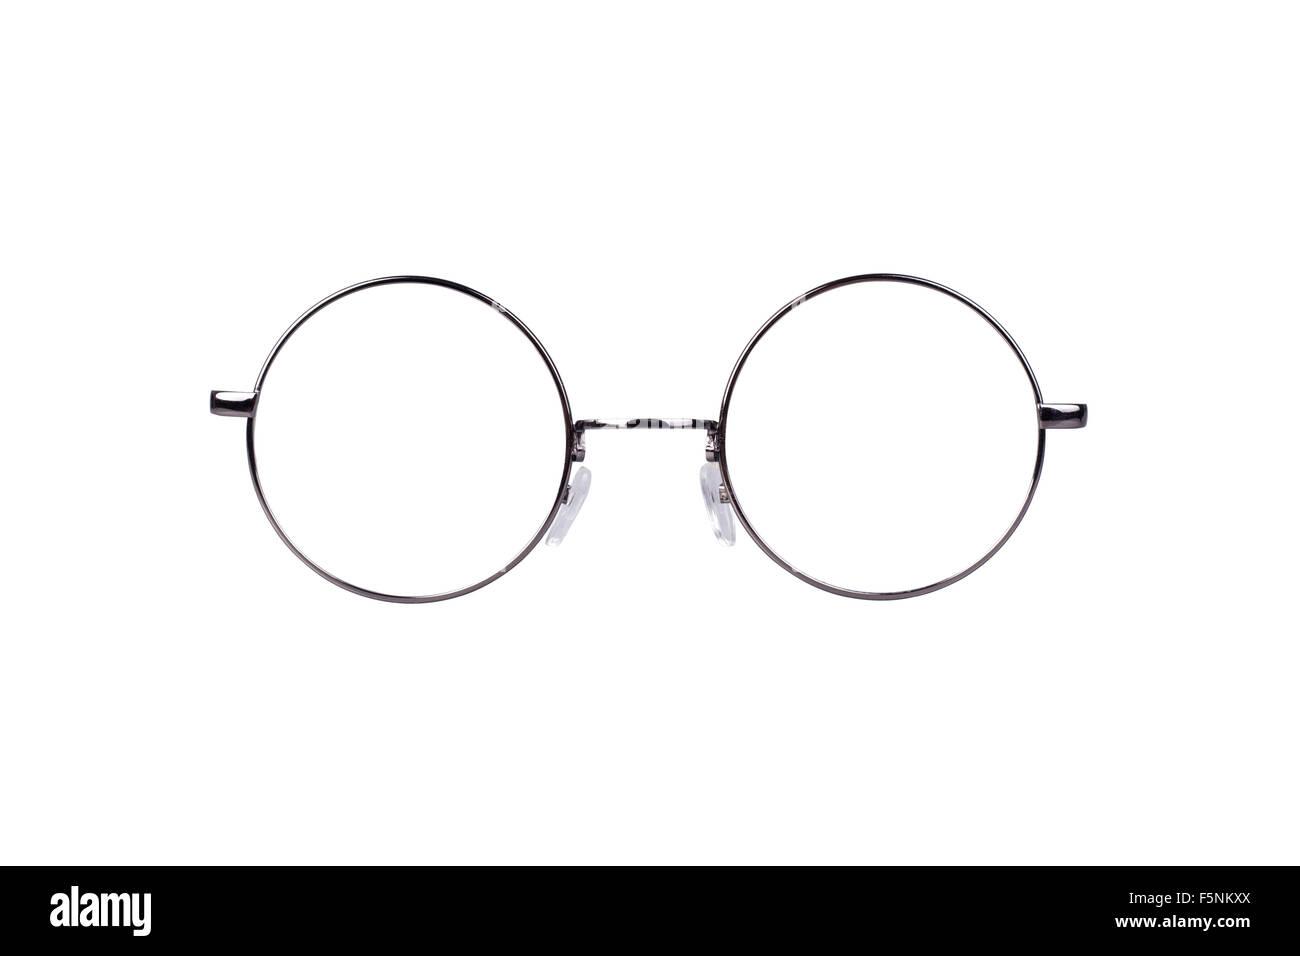 Gafas de círculo Foto & Imagen De Stock: 89601762 - Alamy